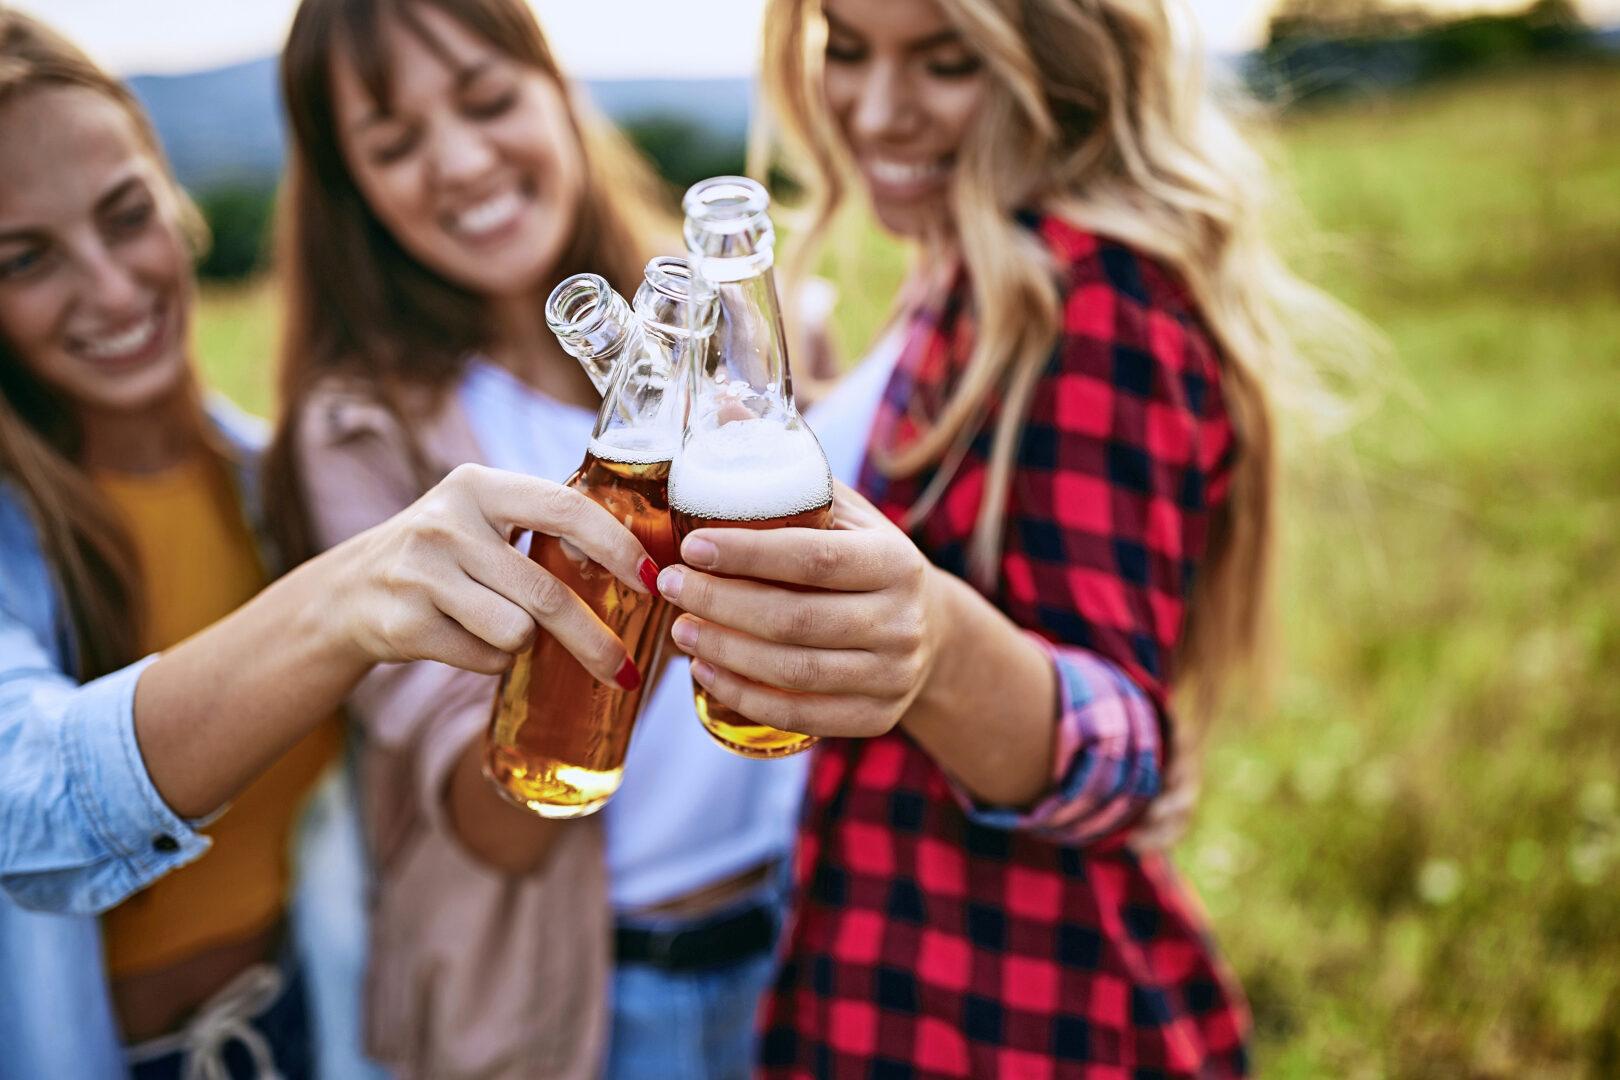 Nuoret juovat todennäköisemmin, jos puberteetti alkaa aikaisin.